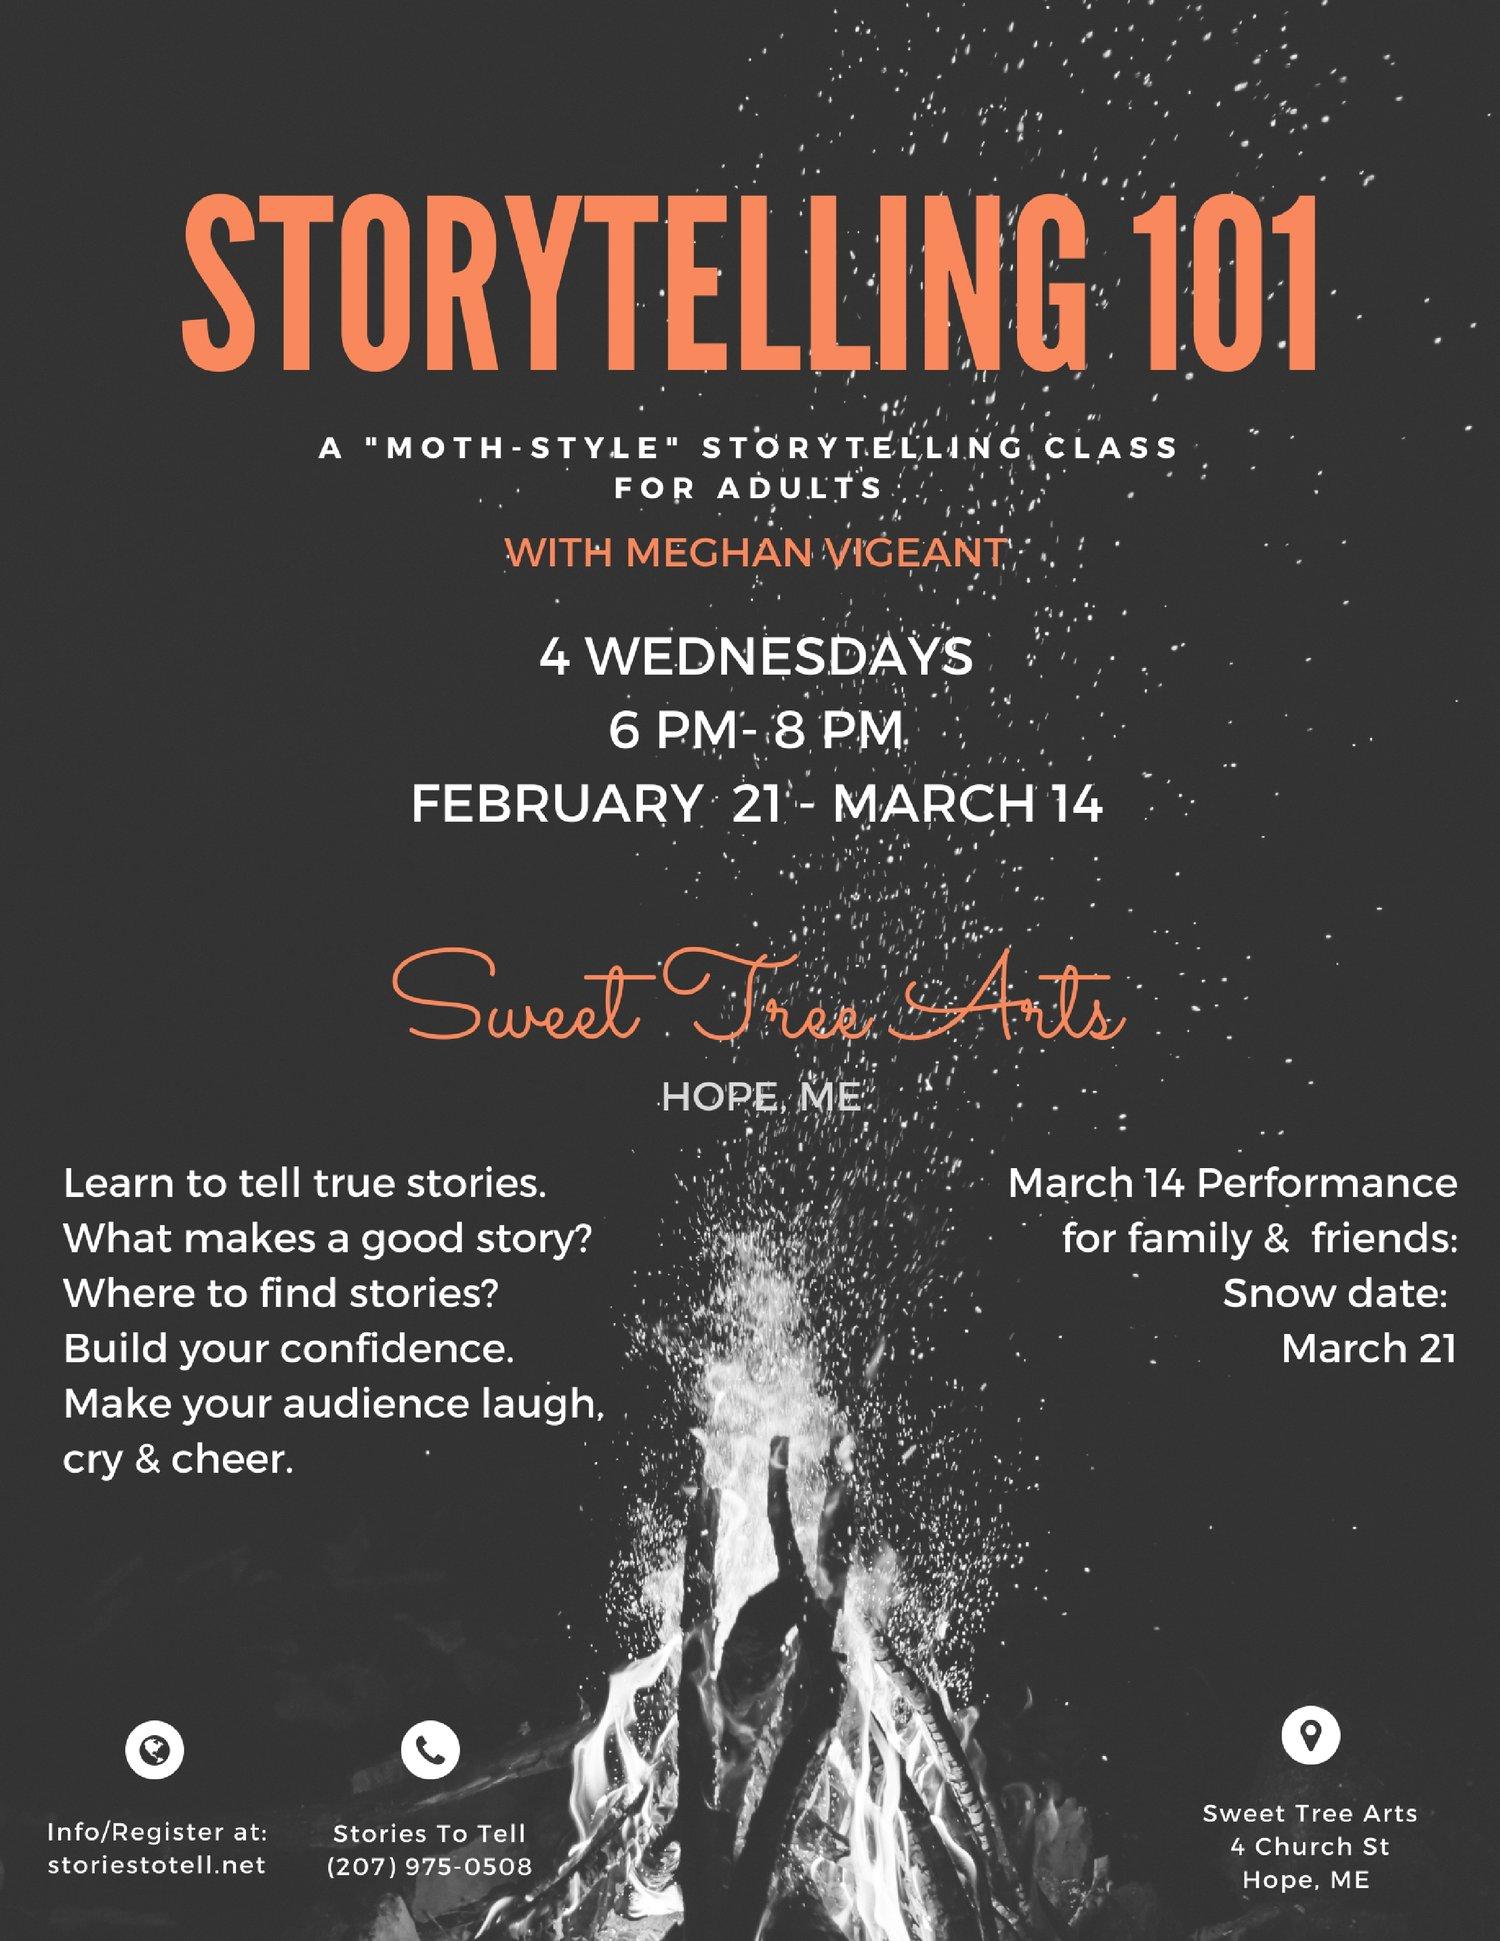 Storytelling+101+flyer.jpg